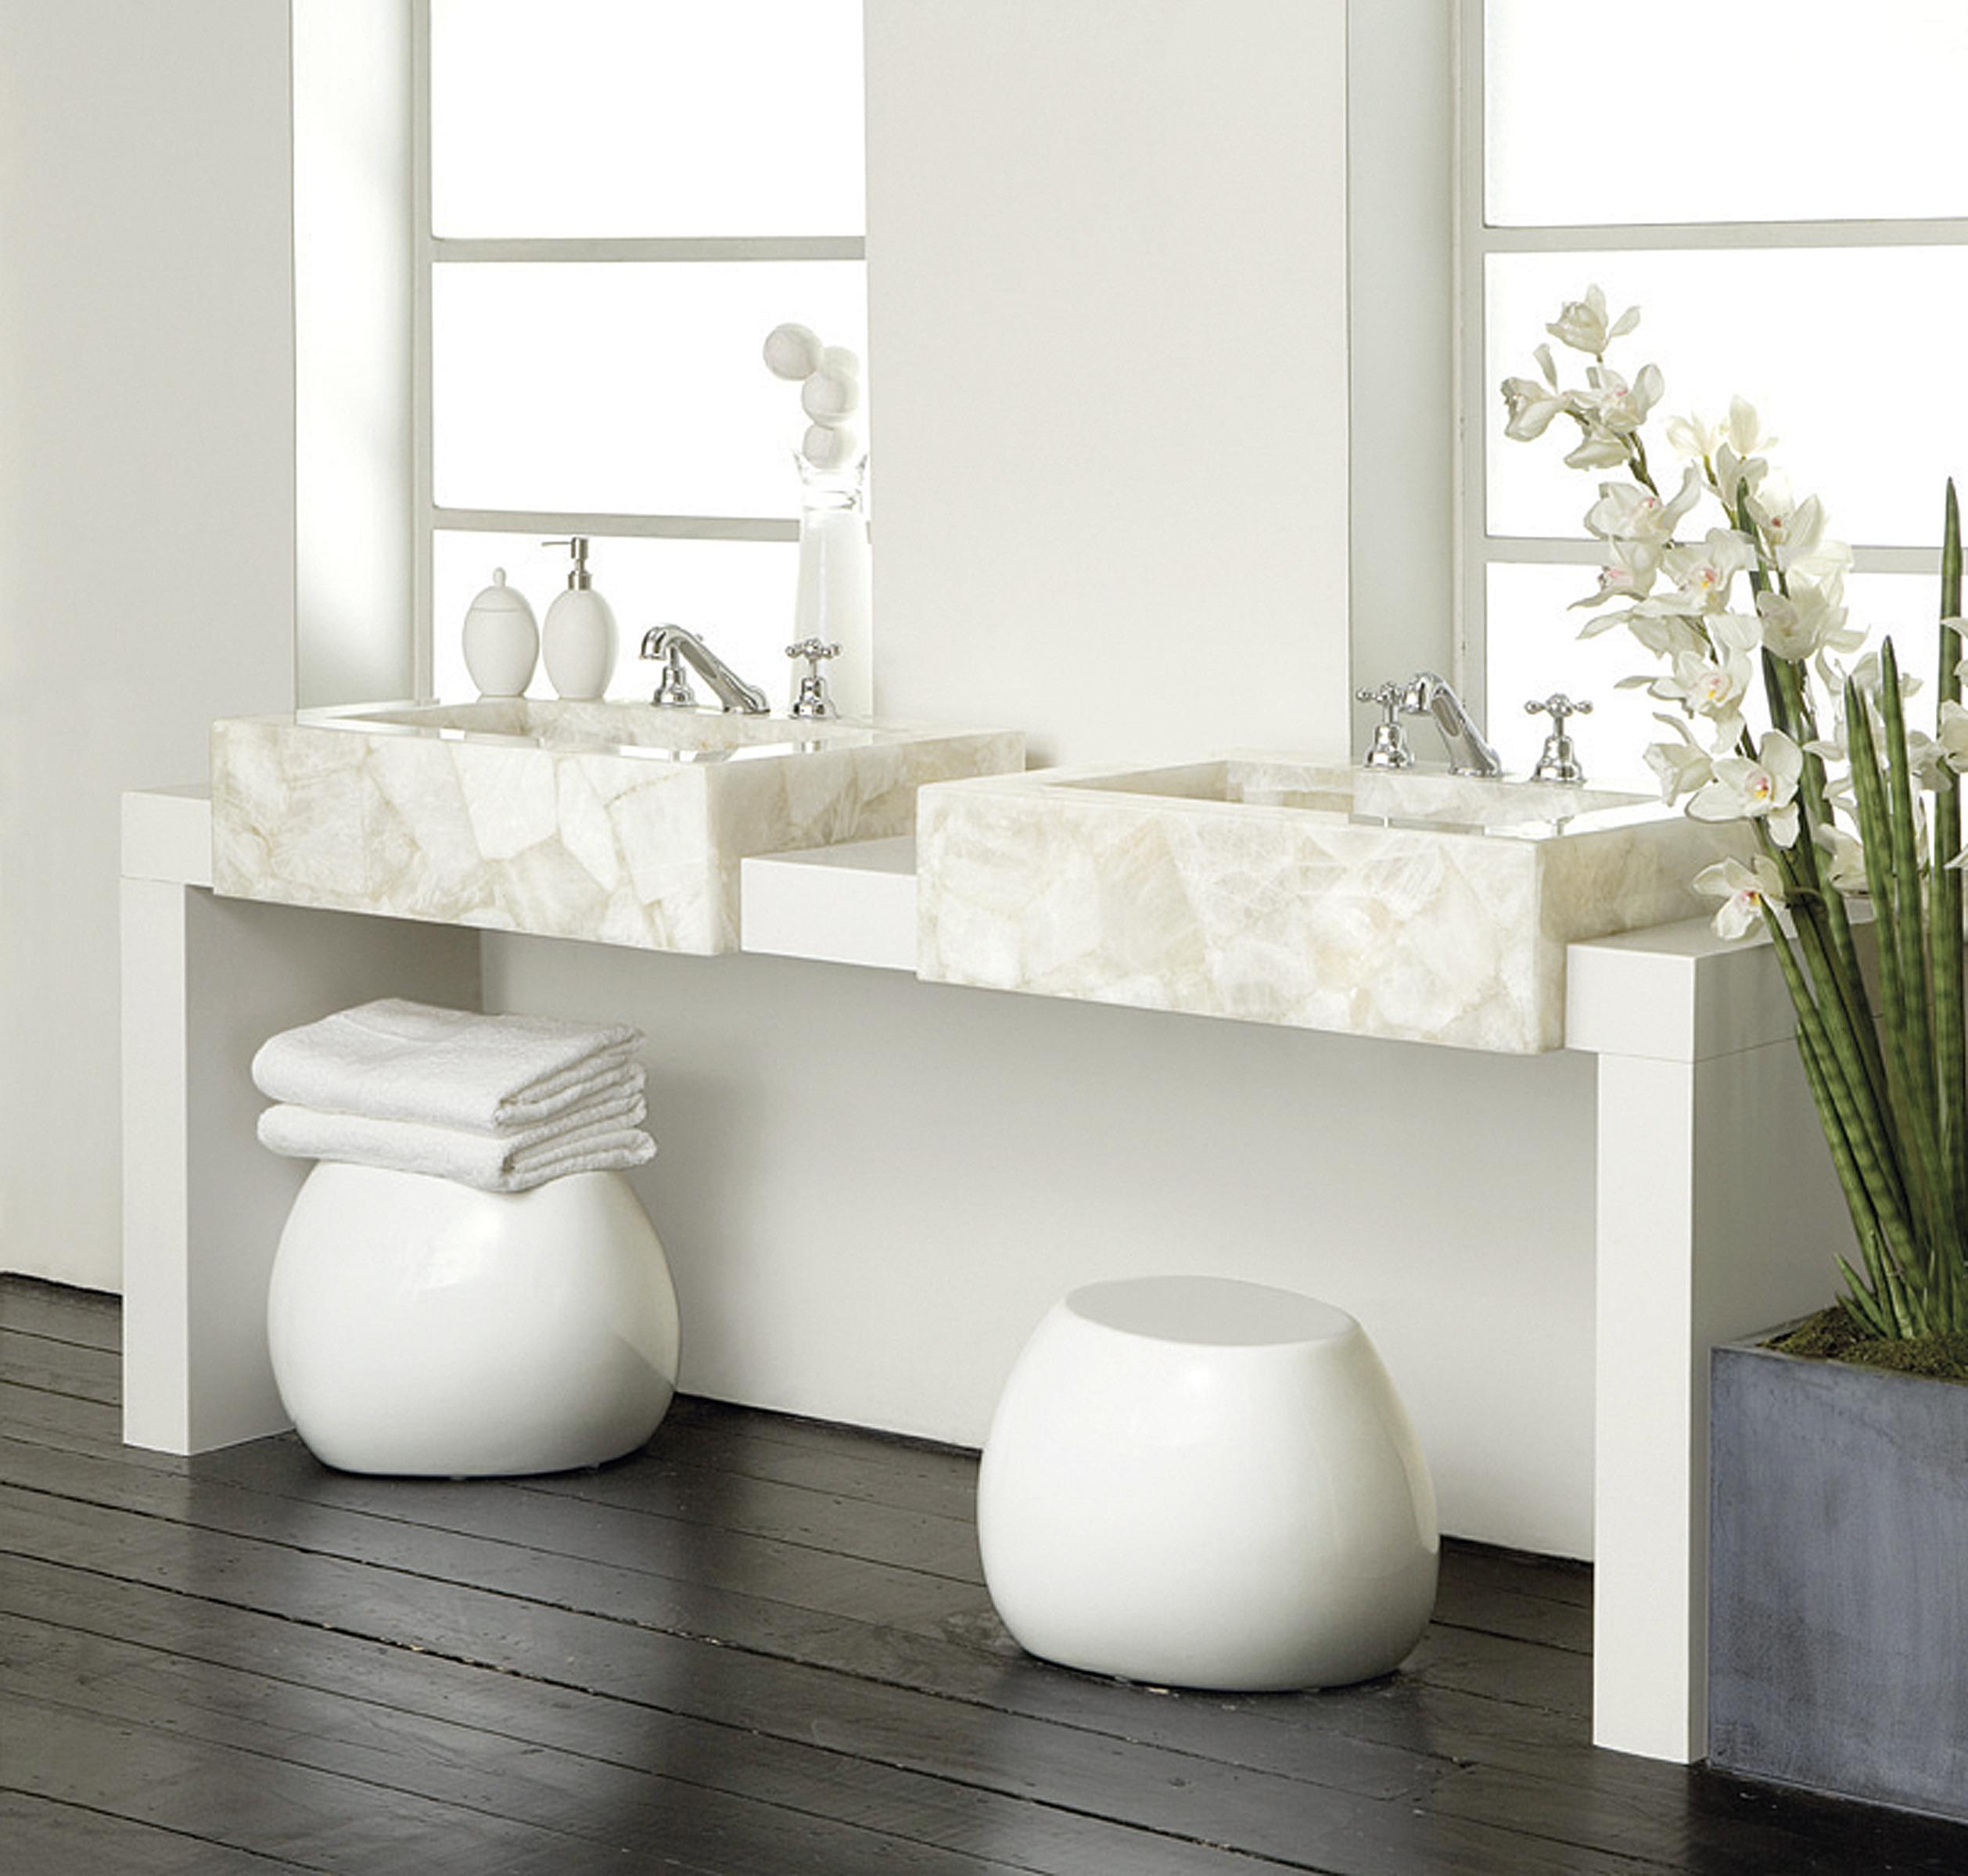 Caesarstone Waschtische - Hygienische Caesarstone Waschtische